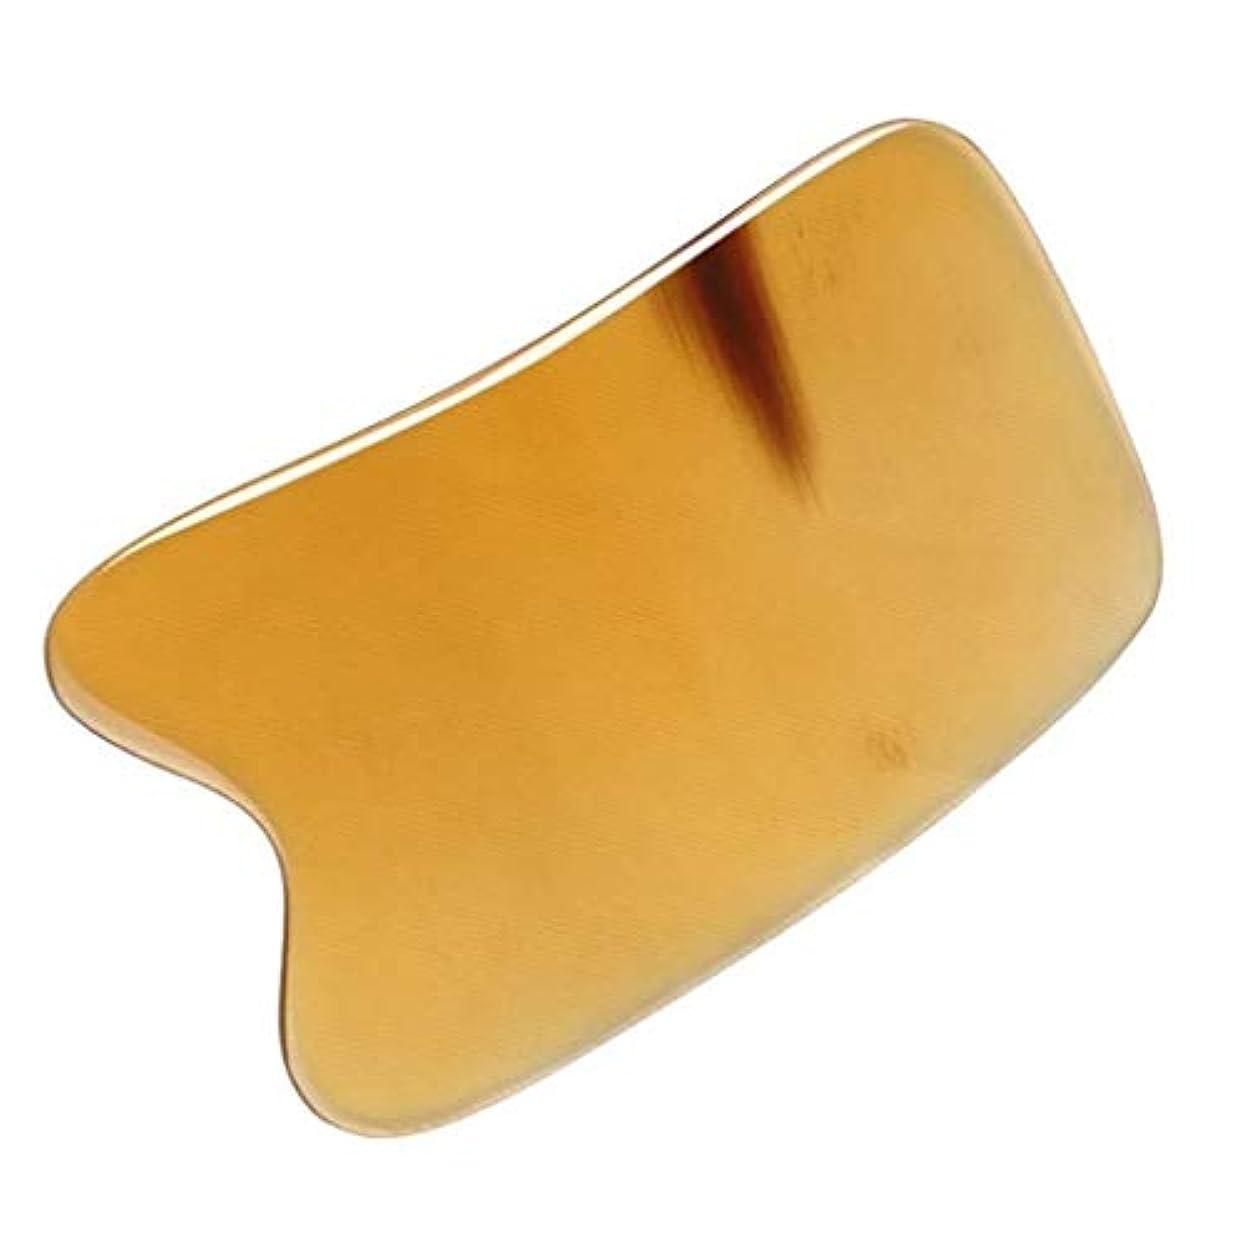 バーガークラッシュ外観IASTMグラストン理学療法ツール-最高品質のハンドメイドバッファローホーングアシャボード-首と筋肉の痛みを軽減 (Size : 5mm)